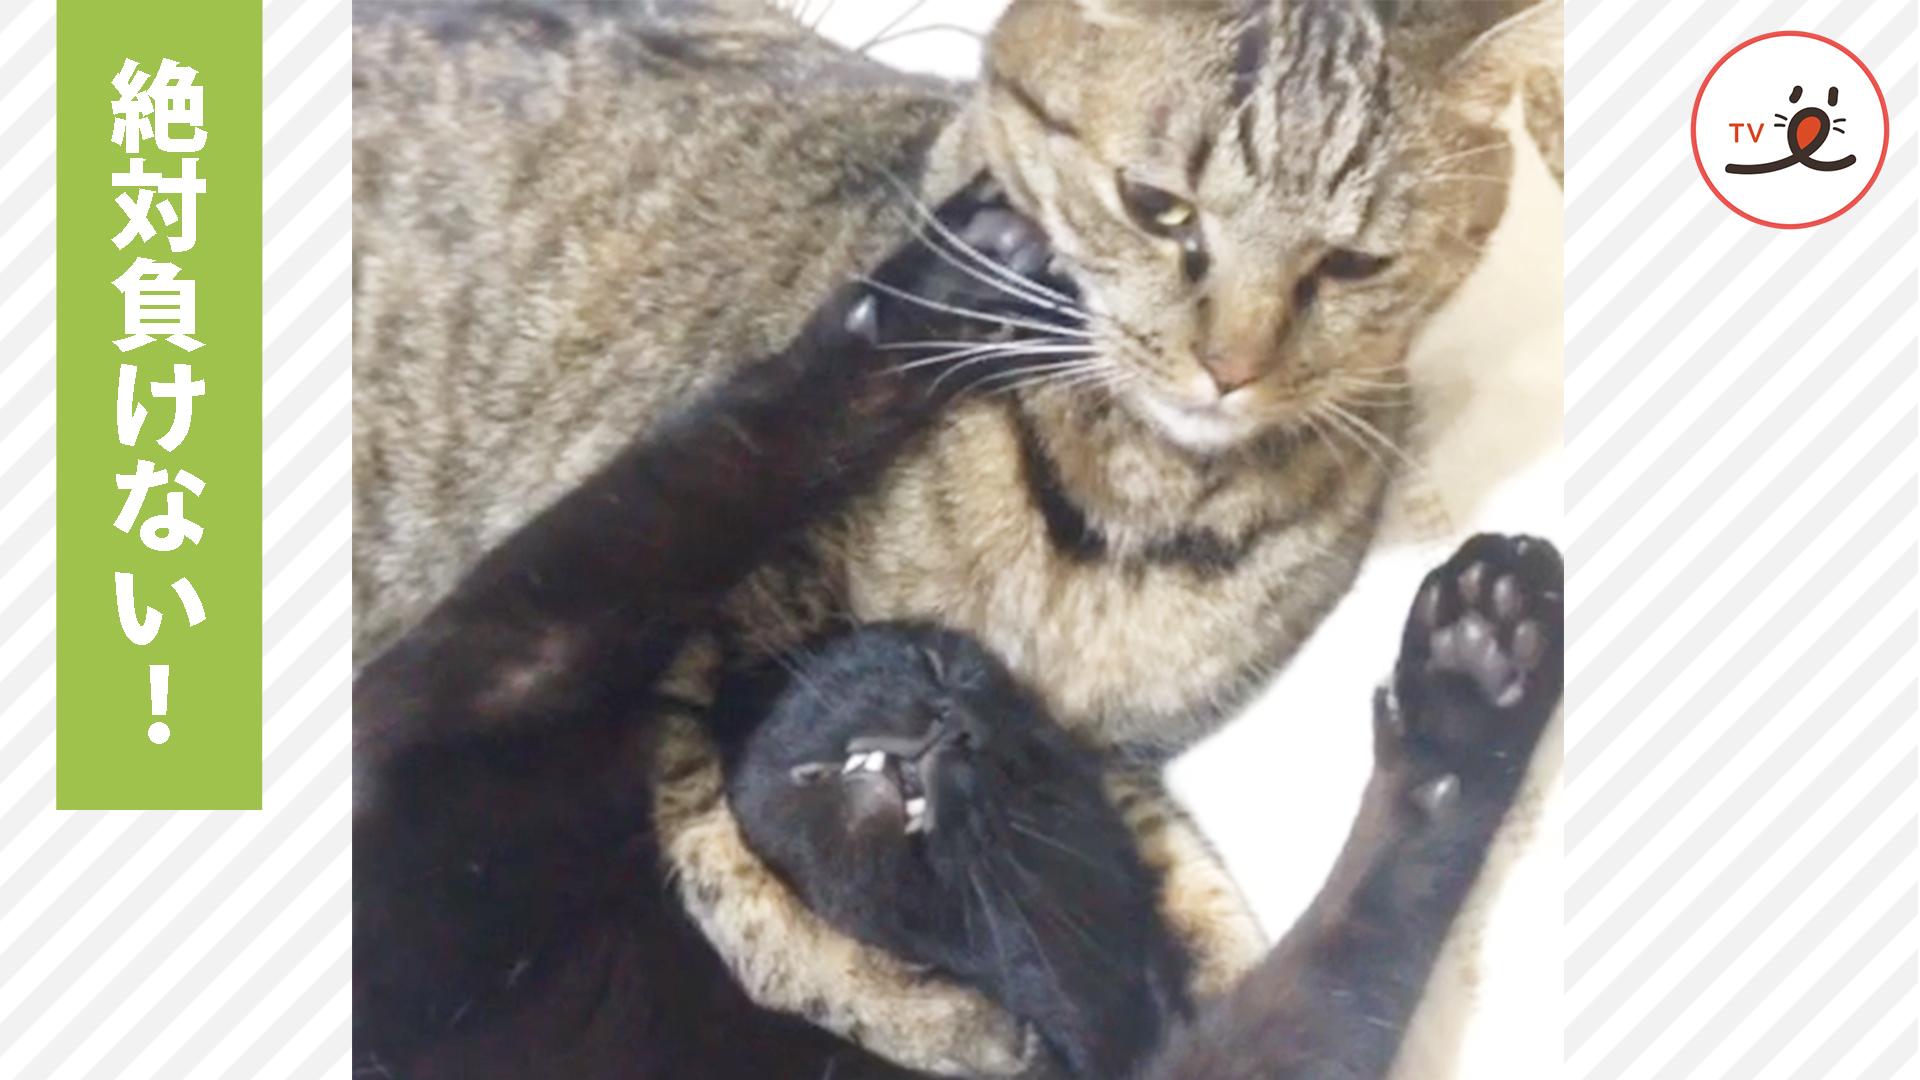 これぞニャンプロ!😆 兄猫と弟猫の負けられない戦い✨